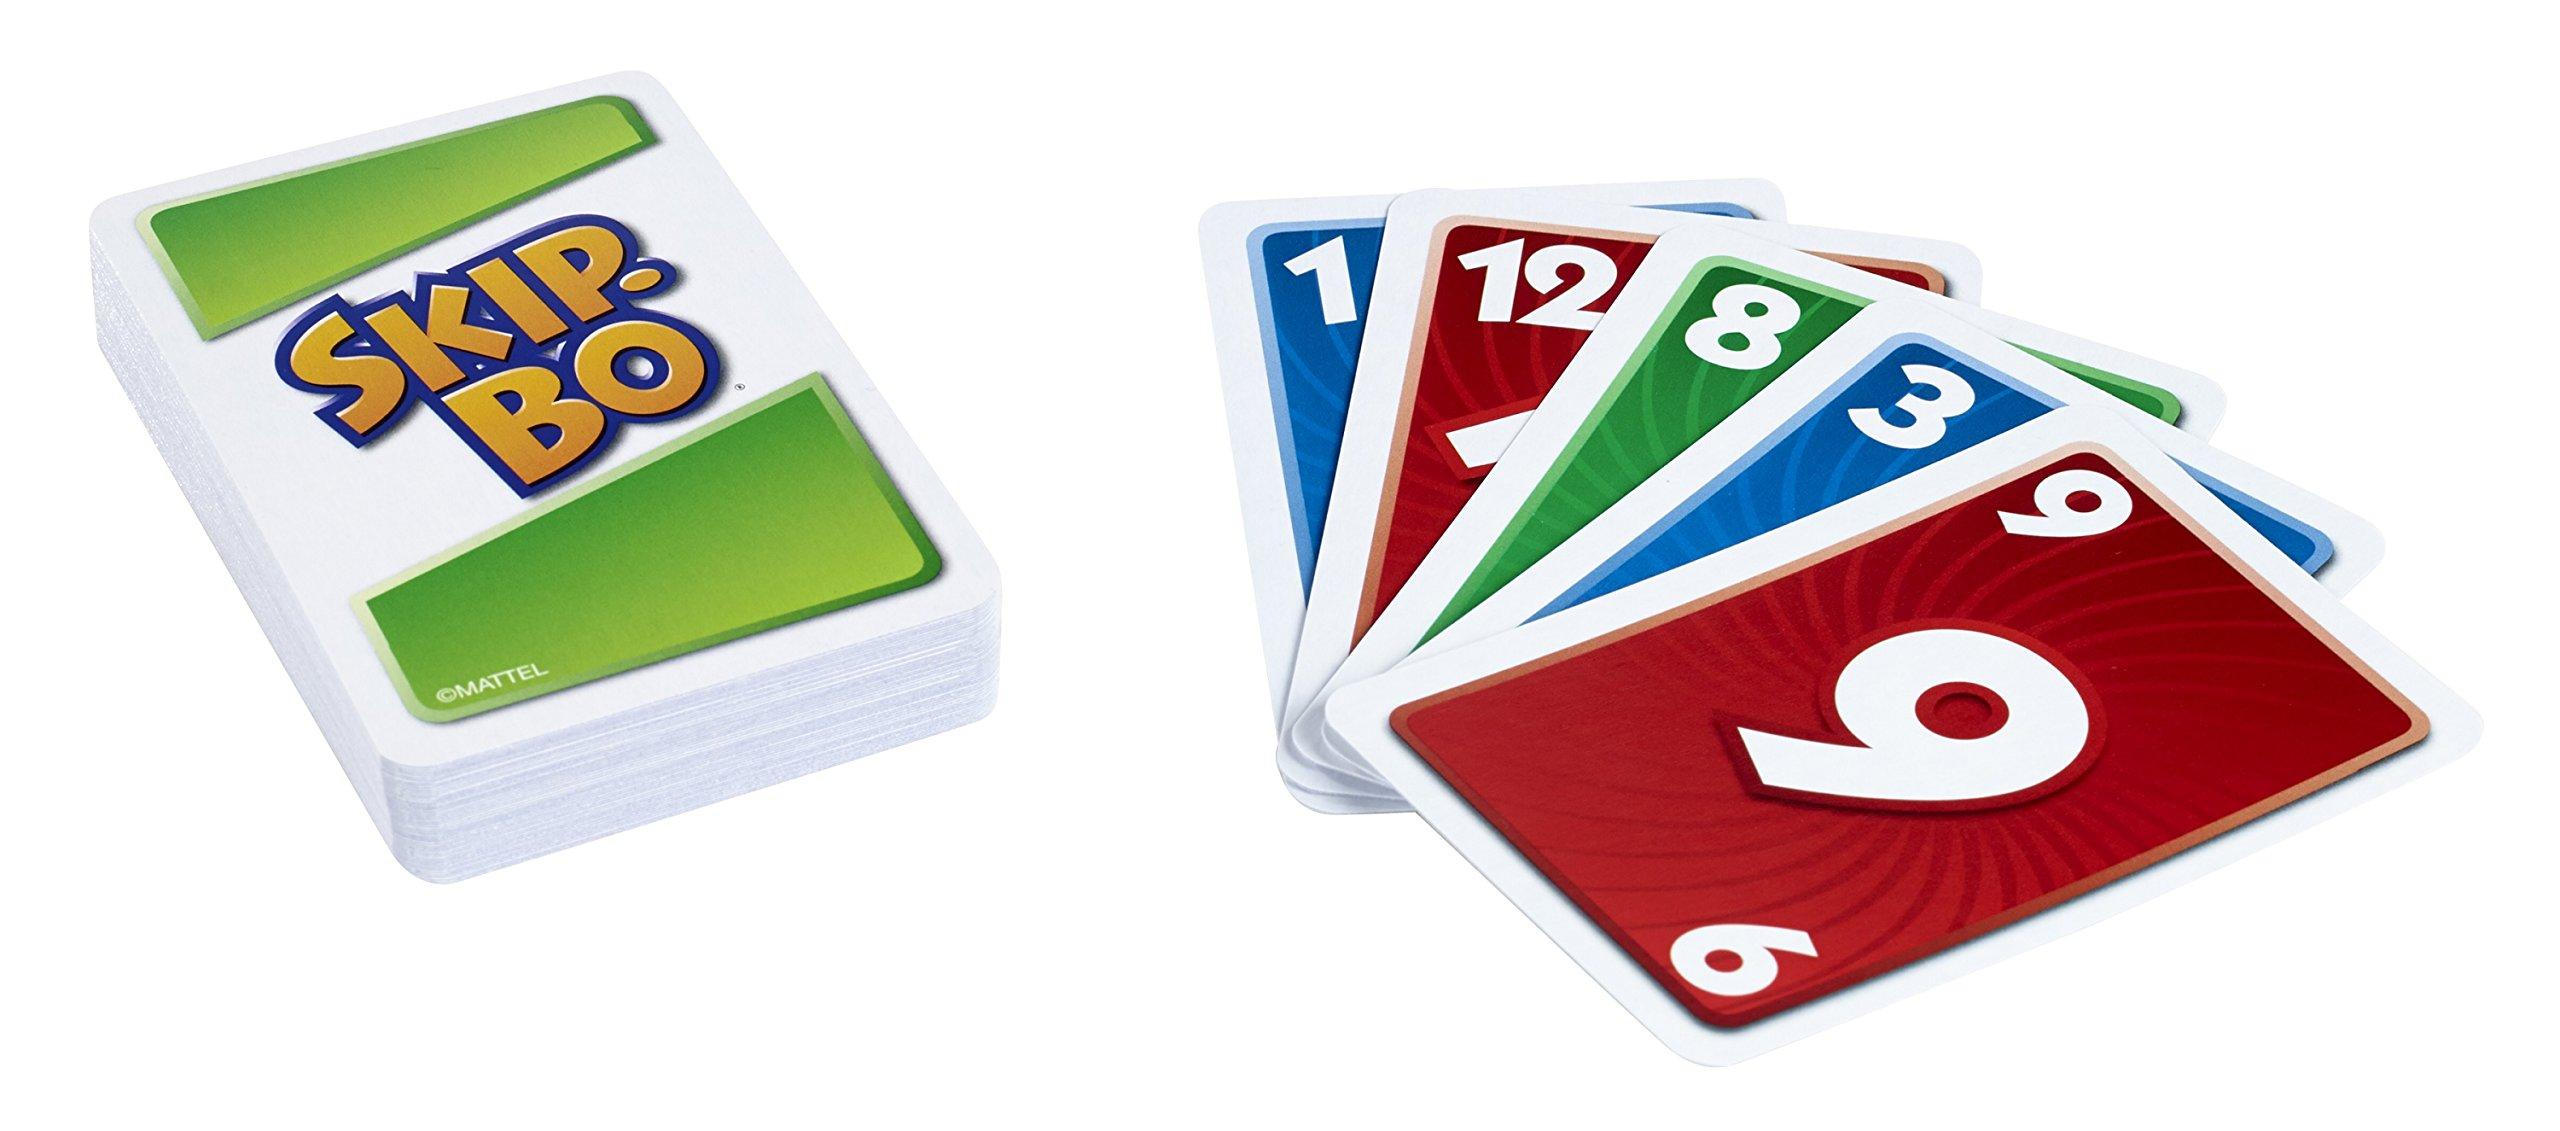 Mattel Skip-bo - Juego de cartas: Skip-bo Card Game: Amazon.es: Electrónica